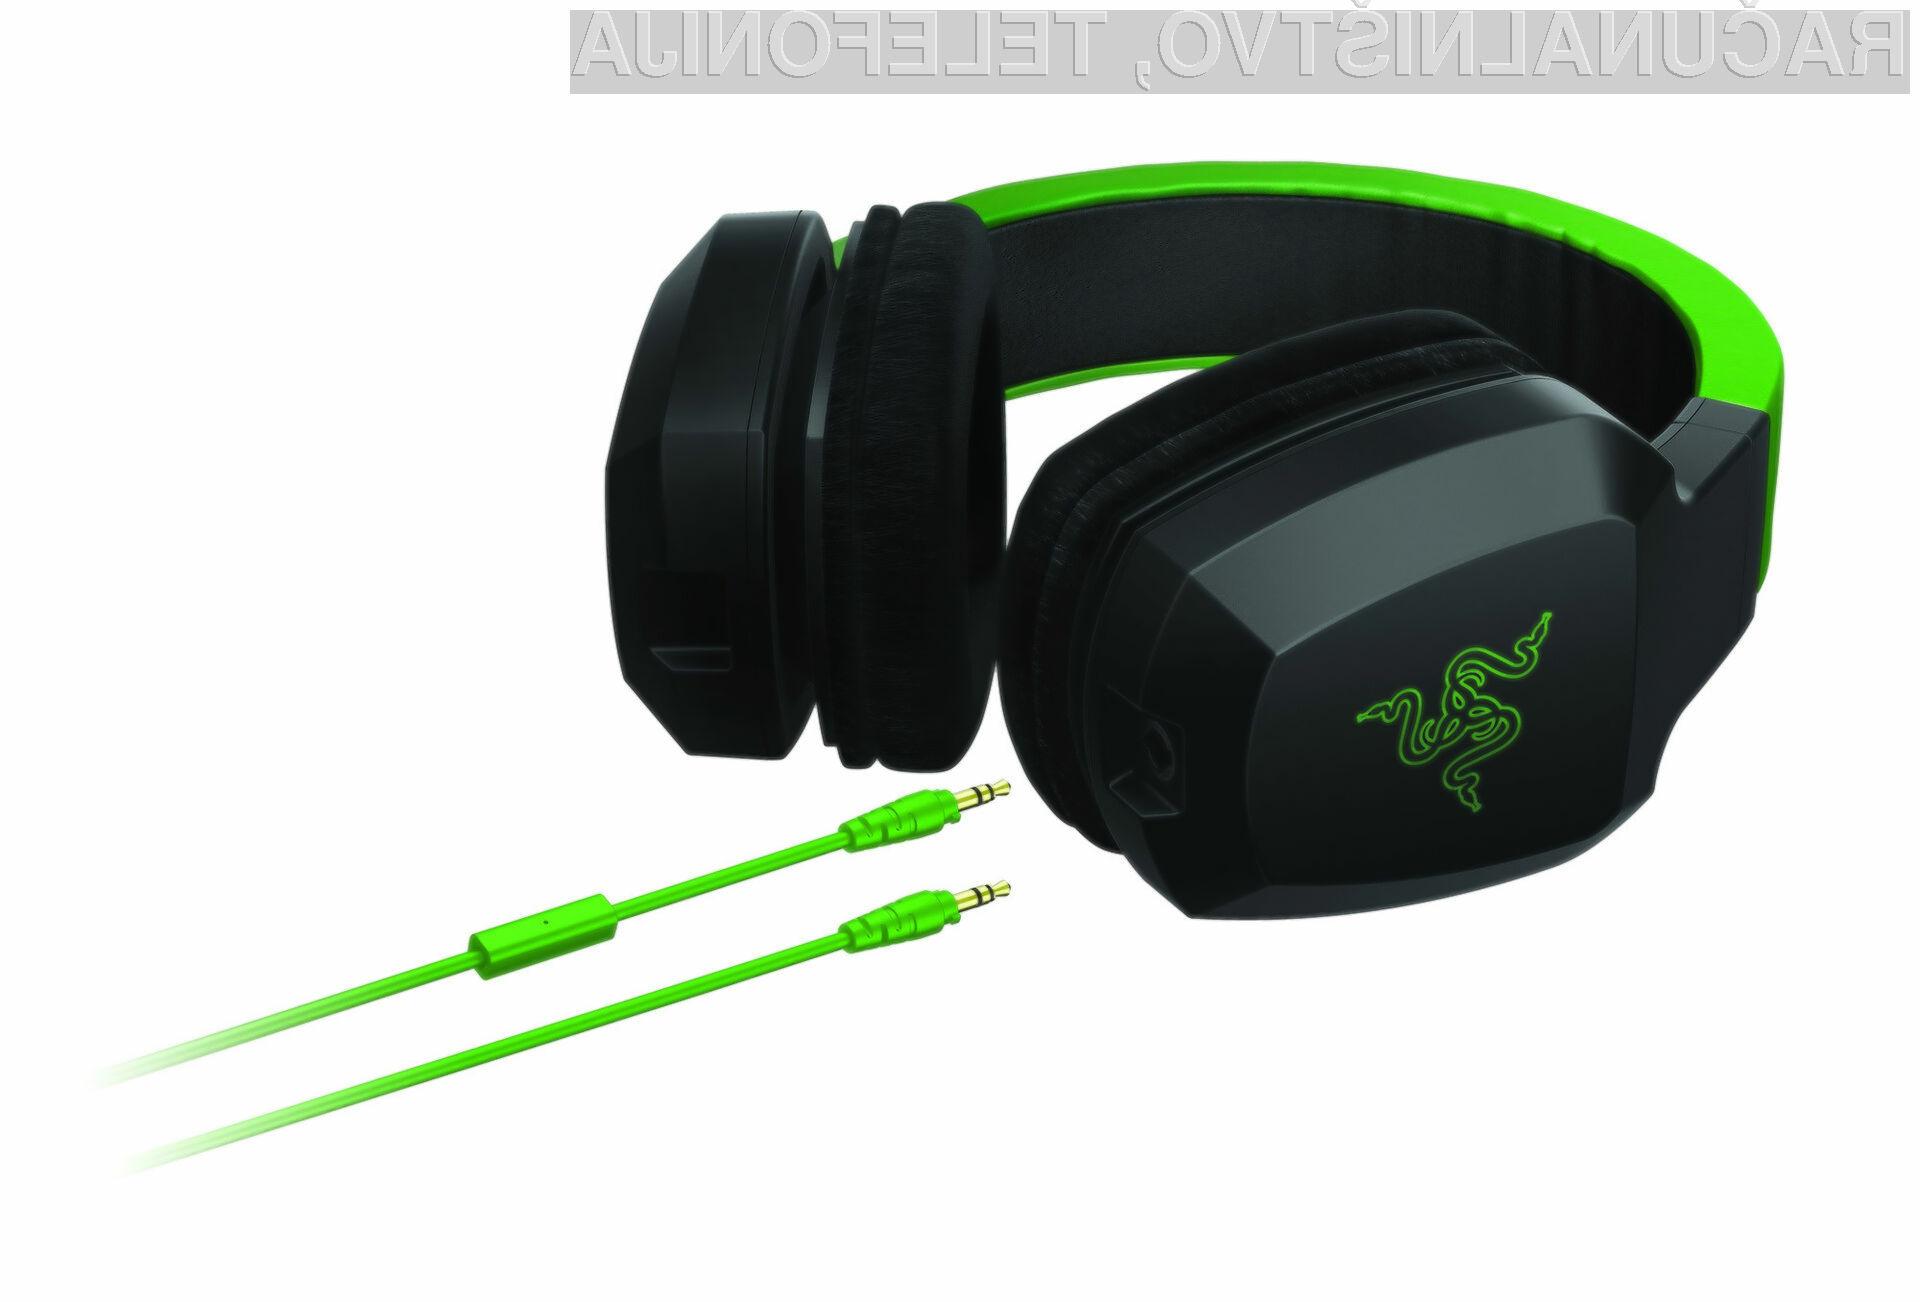 Razerjeve slušalke prinašajo udaren bas in kompaktno obliko, primerno za mobilne podvige.